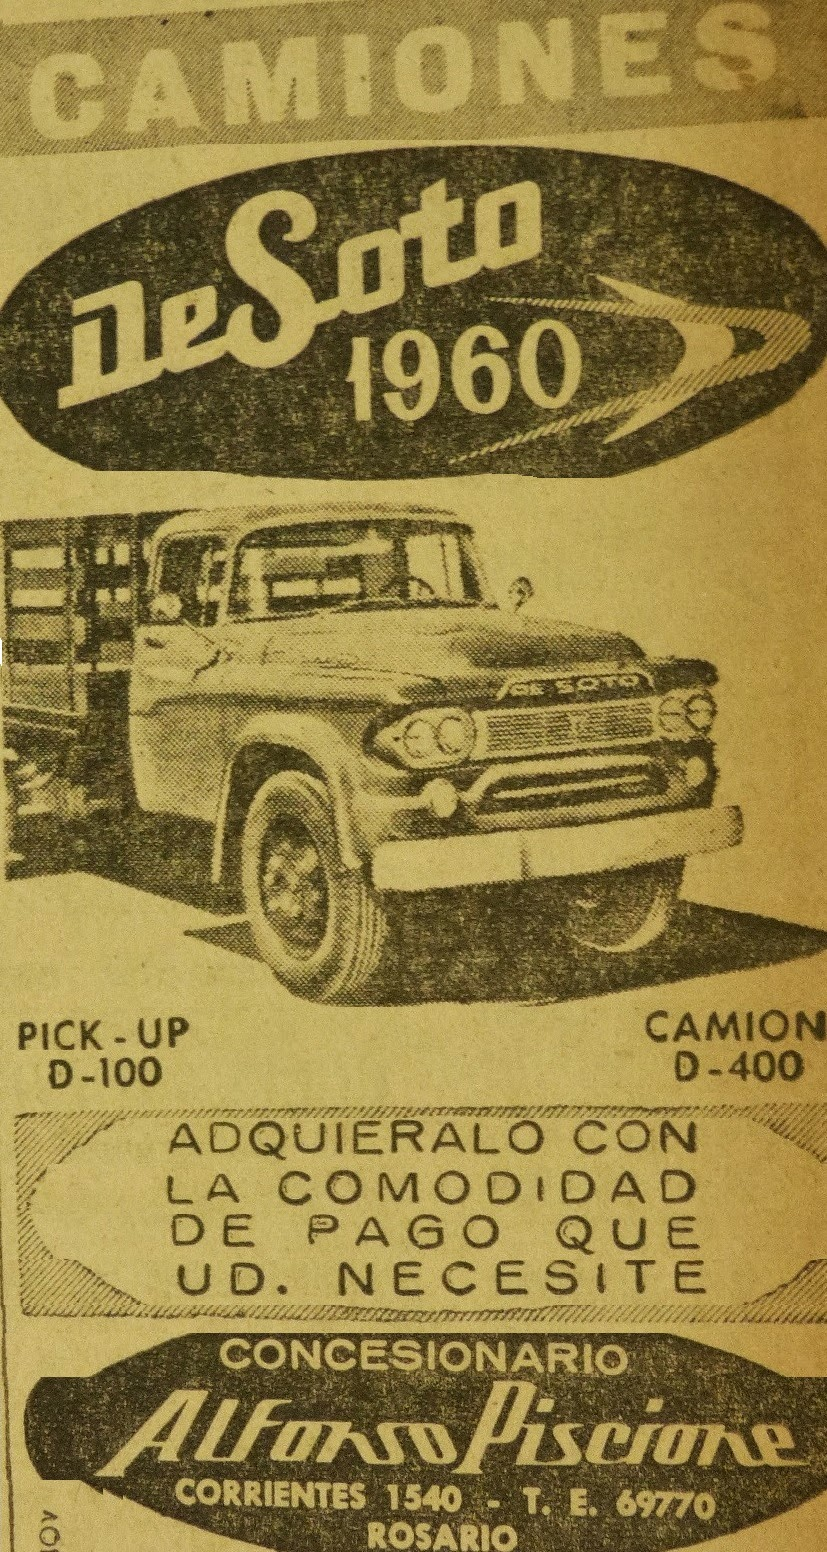 Camión Argentino: junio 2014